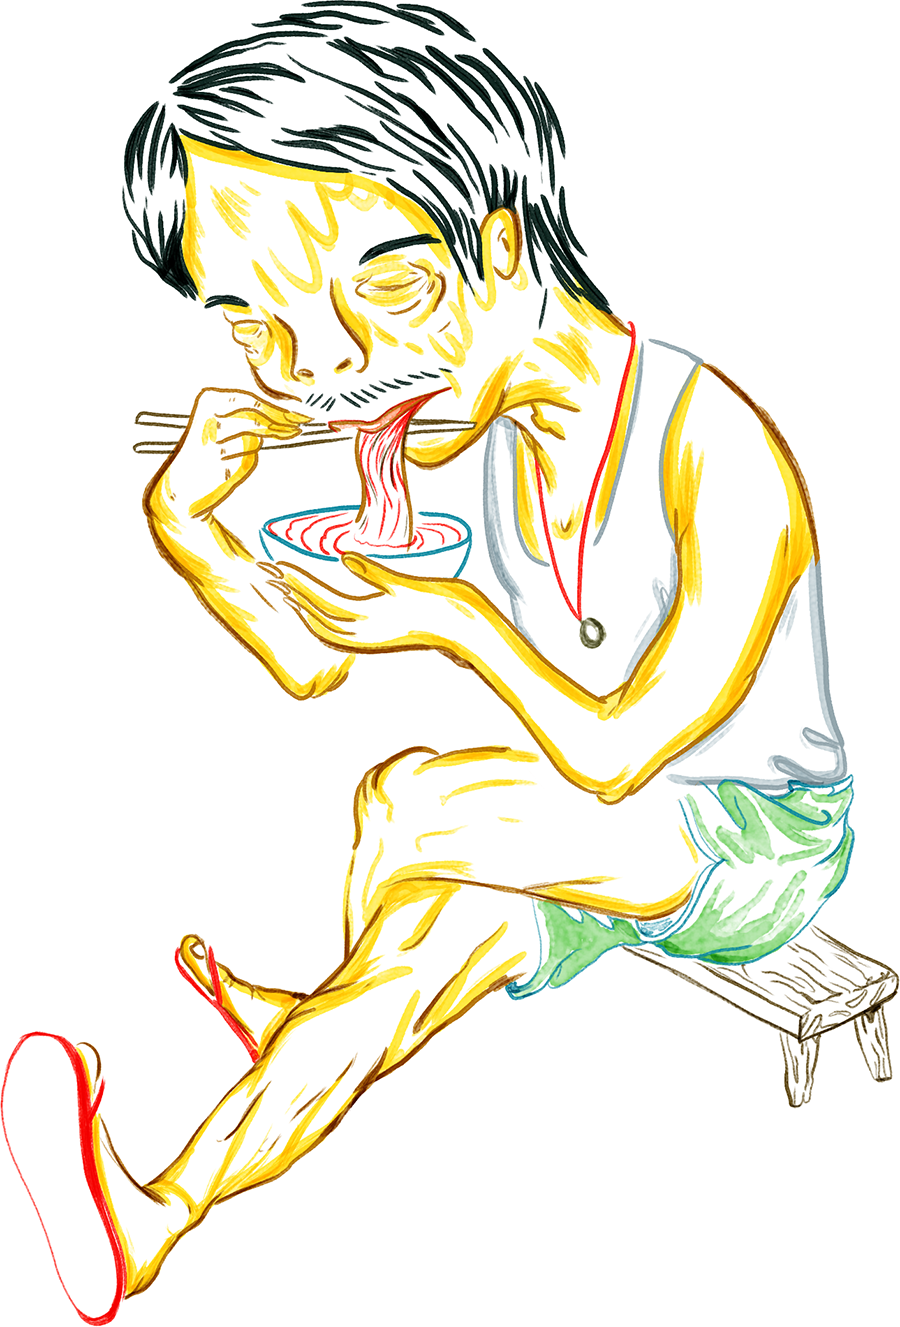 Noodle_guy_still.png